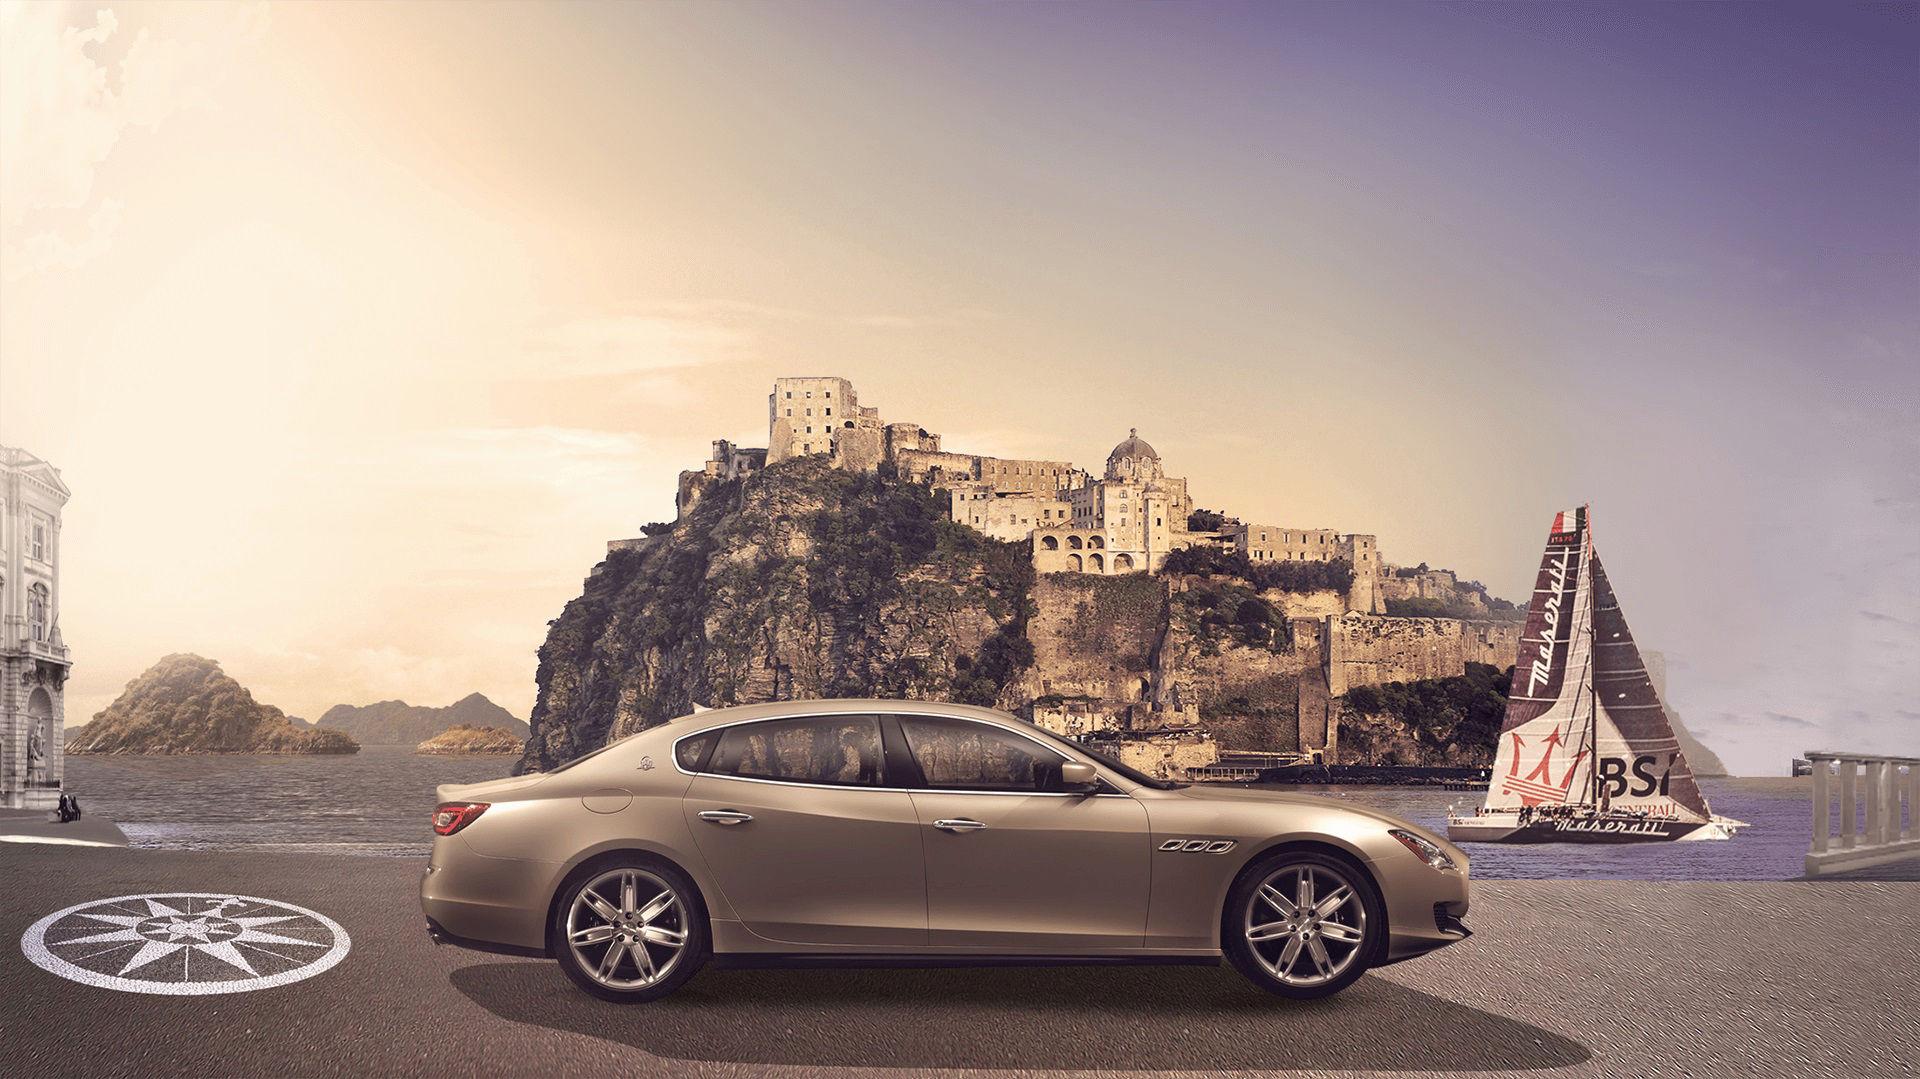 Storia di Maserati - 2010: sesta generazione di Maserati Quattroporte